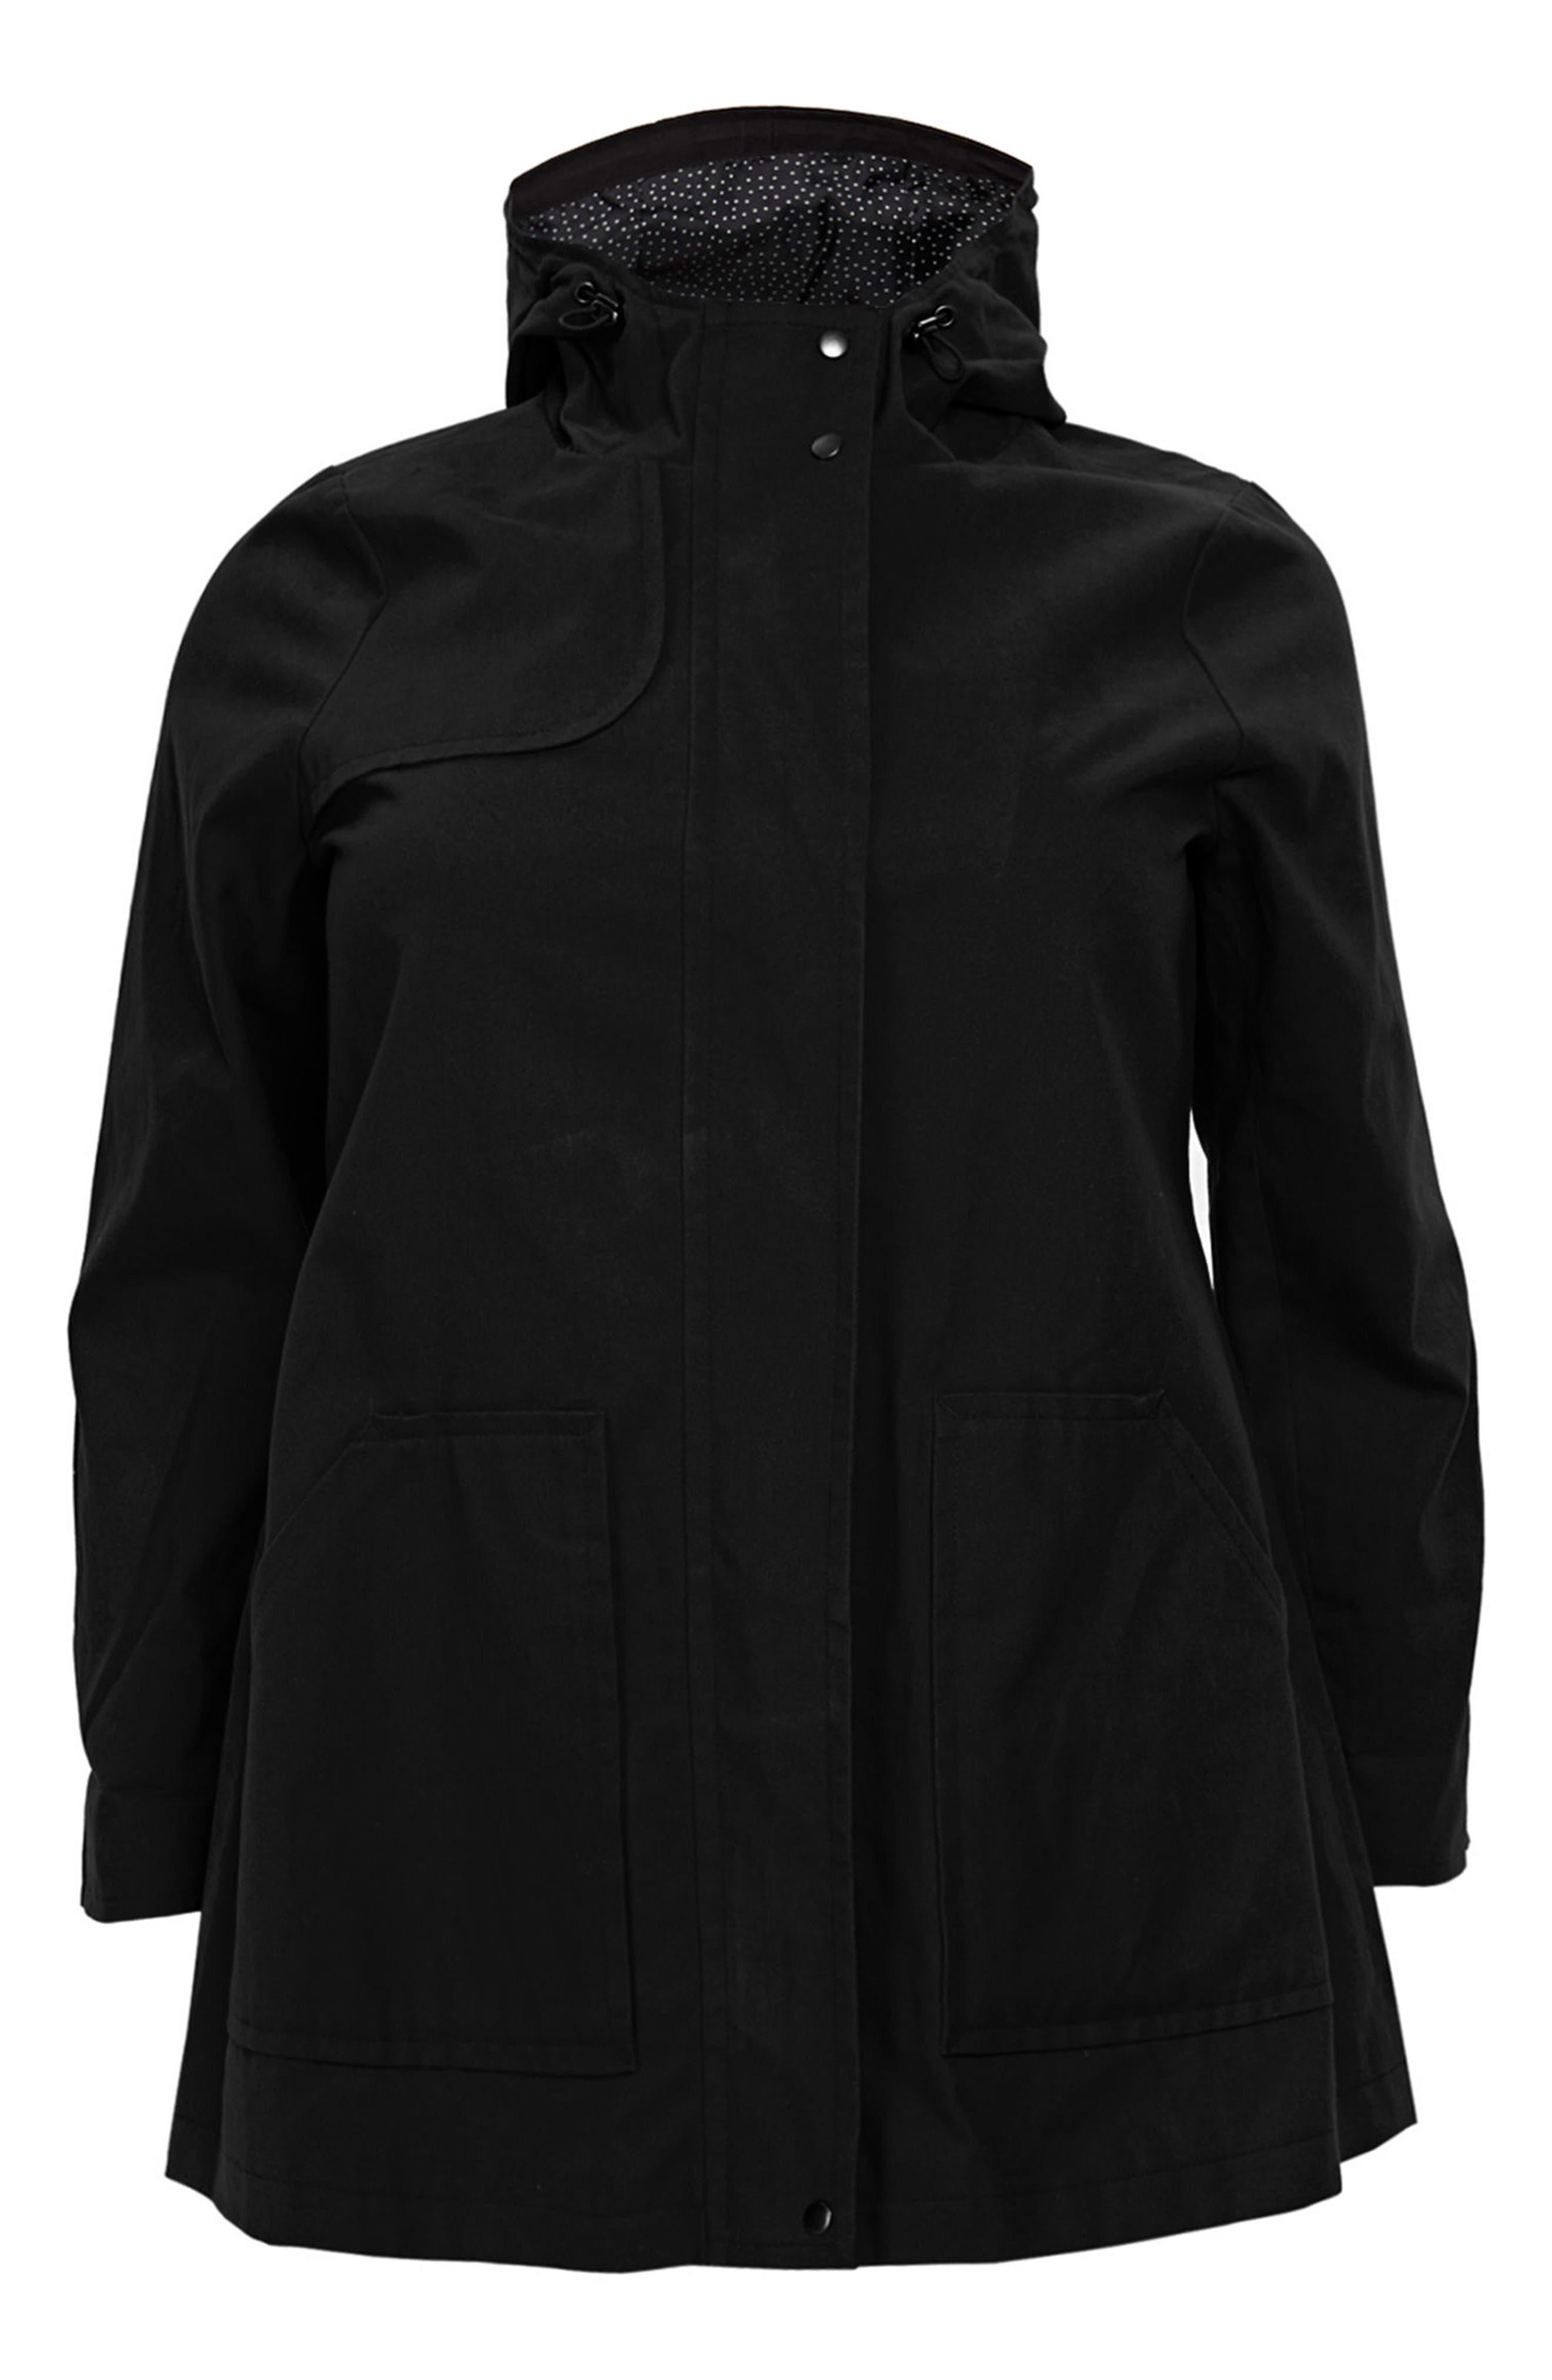 Mac Jacket,                             Main thumbnail 1, color,                             Black